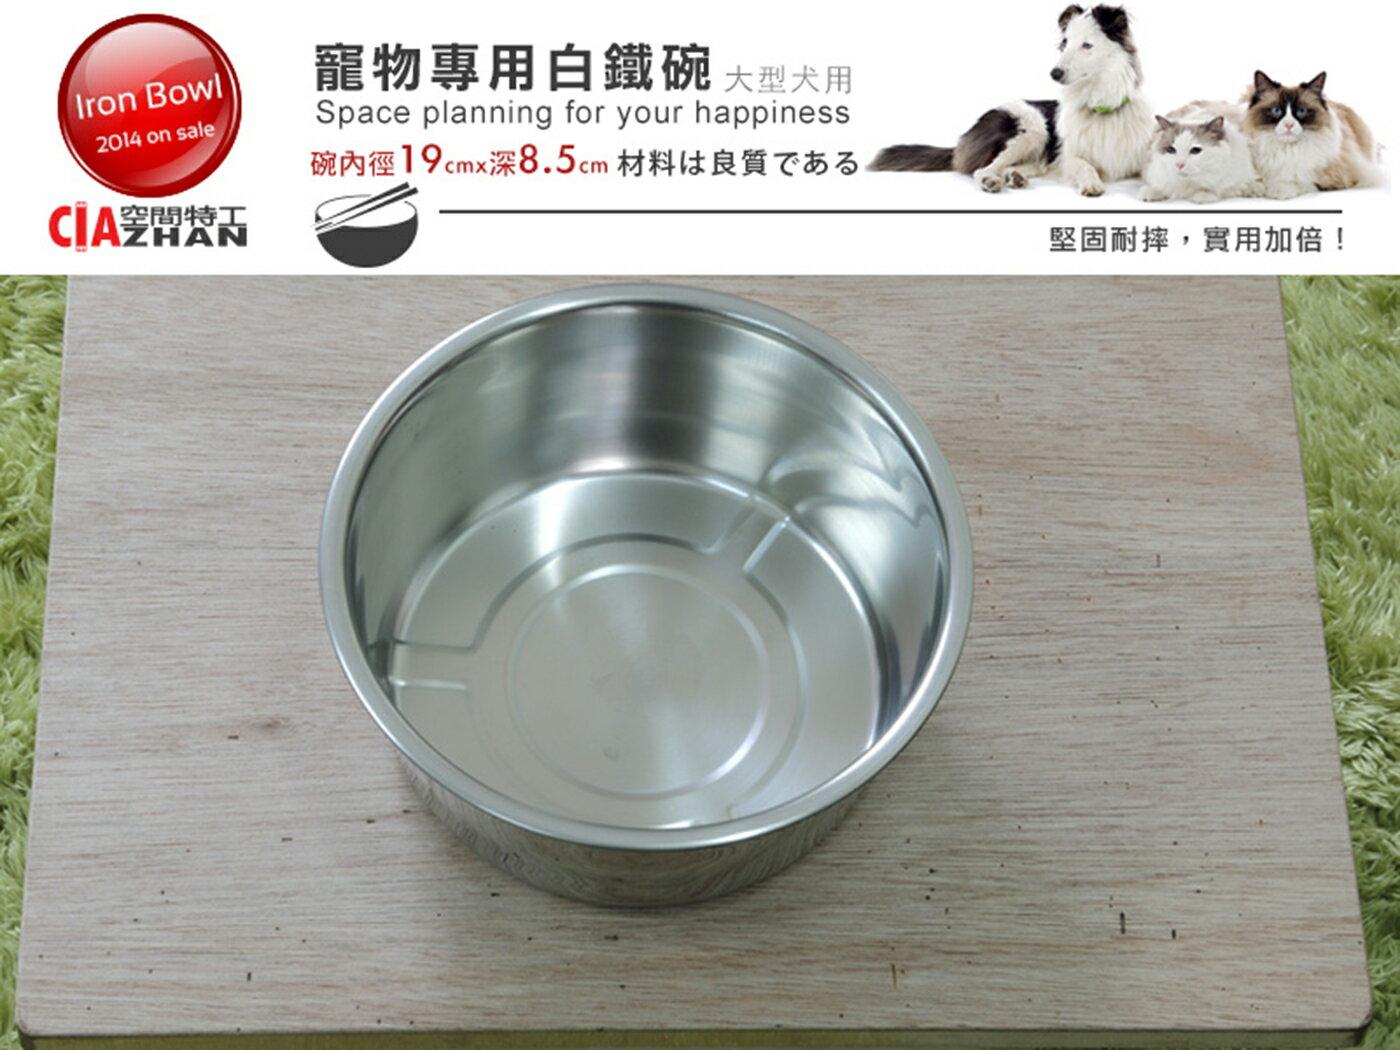 飼料碗 圓碗 貓碗 餵食器 進食碗 食盆 ♞空間特工♞ 1號不鏽鋼碗盆 不銹鋼單口碗 耐用好清洗 全新 大型犬白鐵狗碗